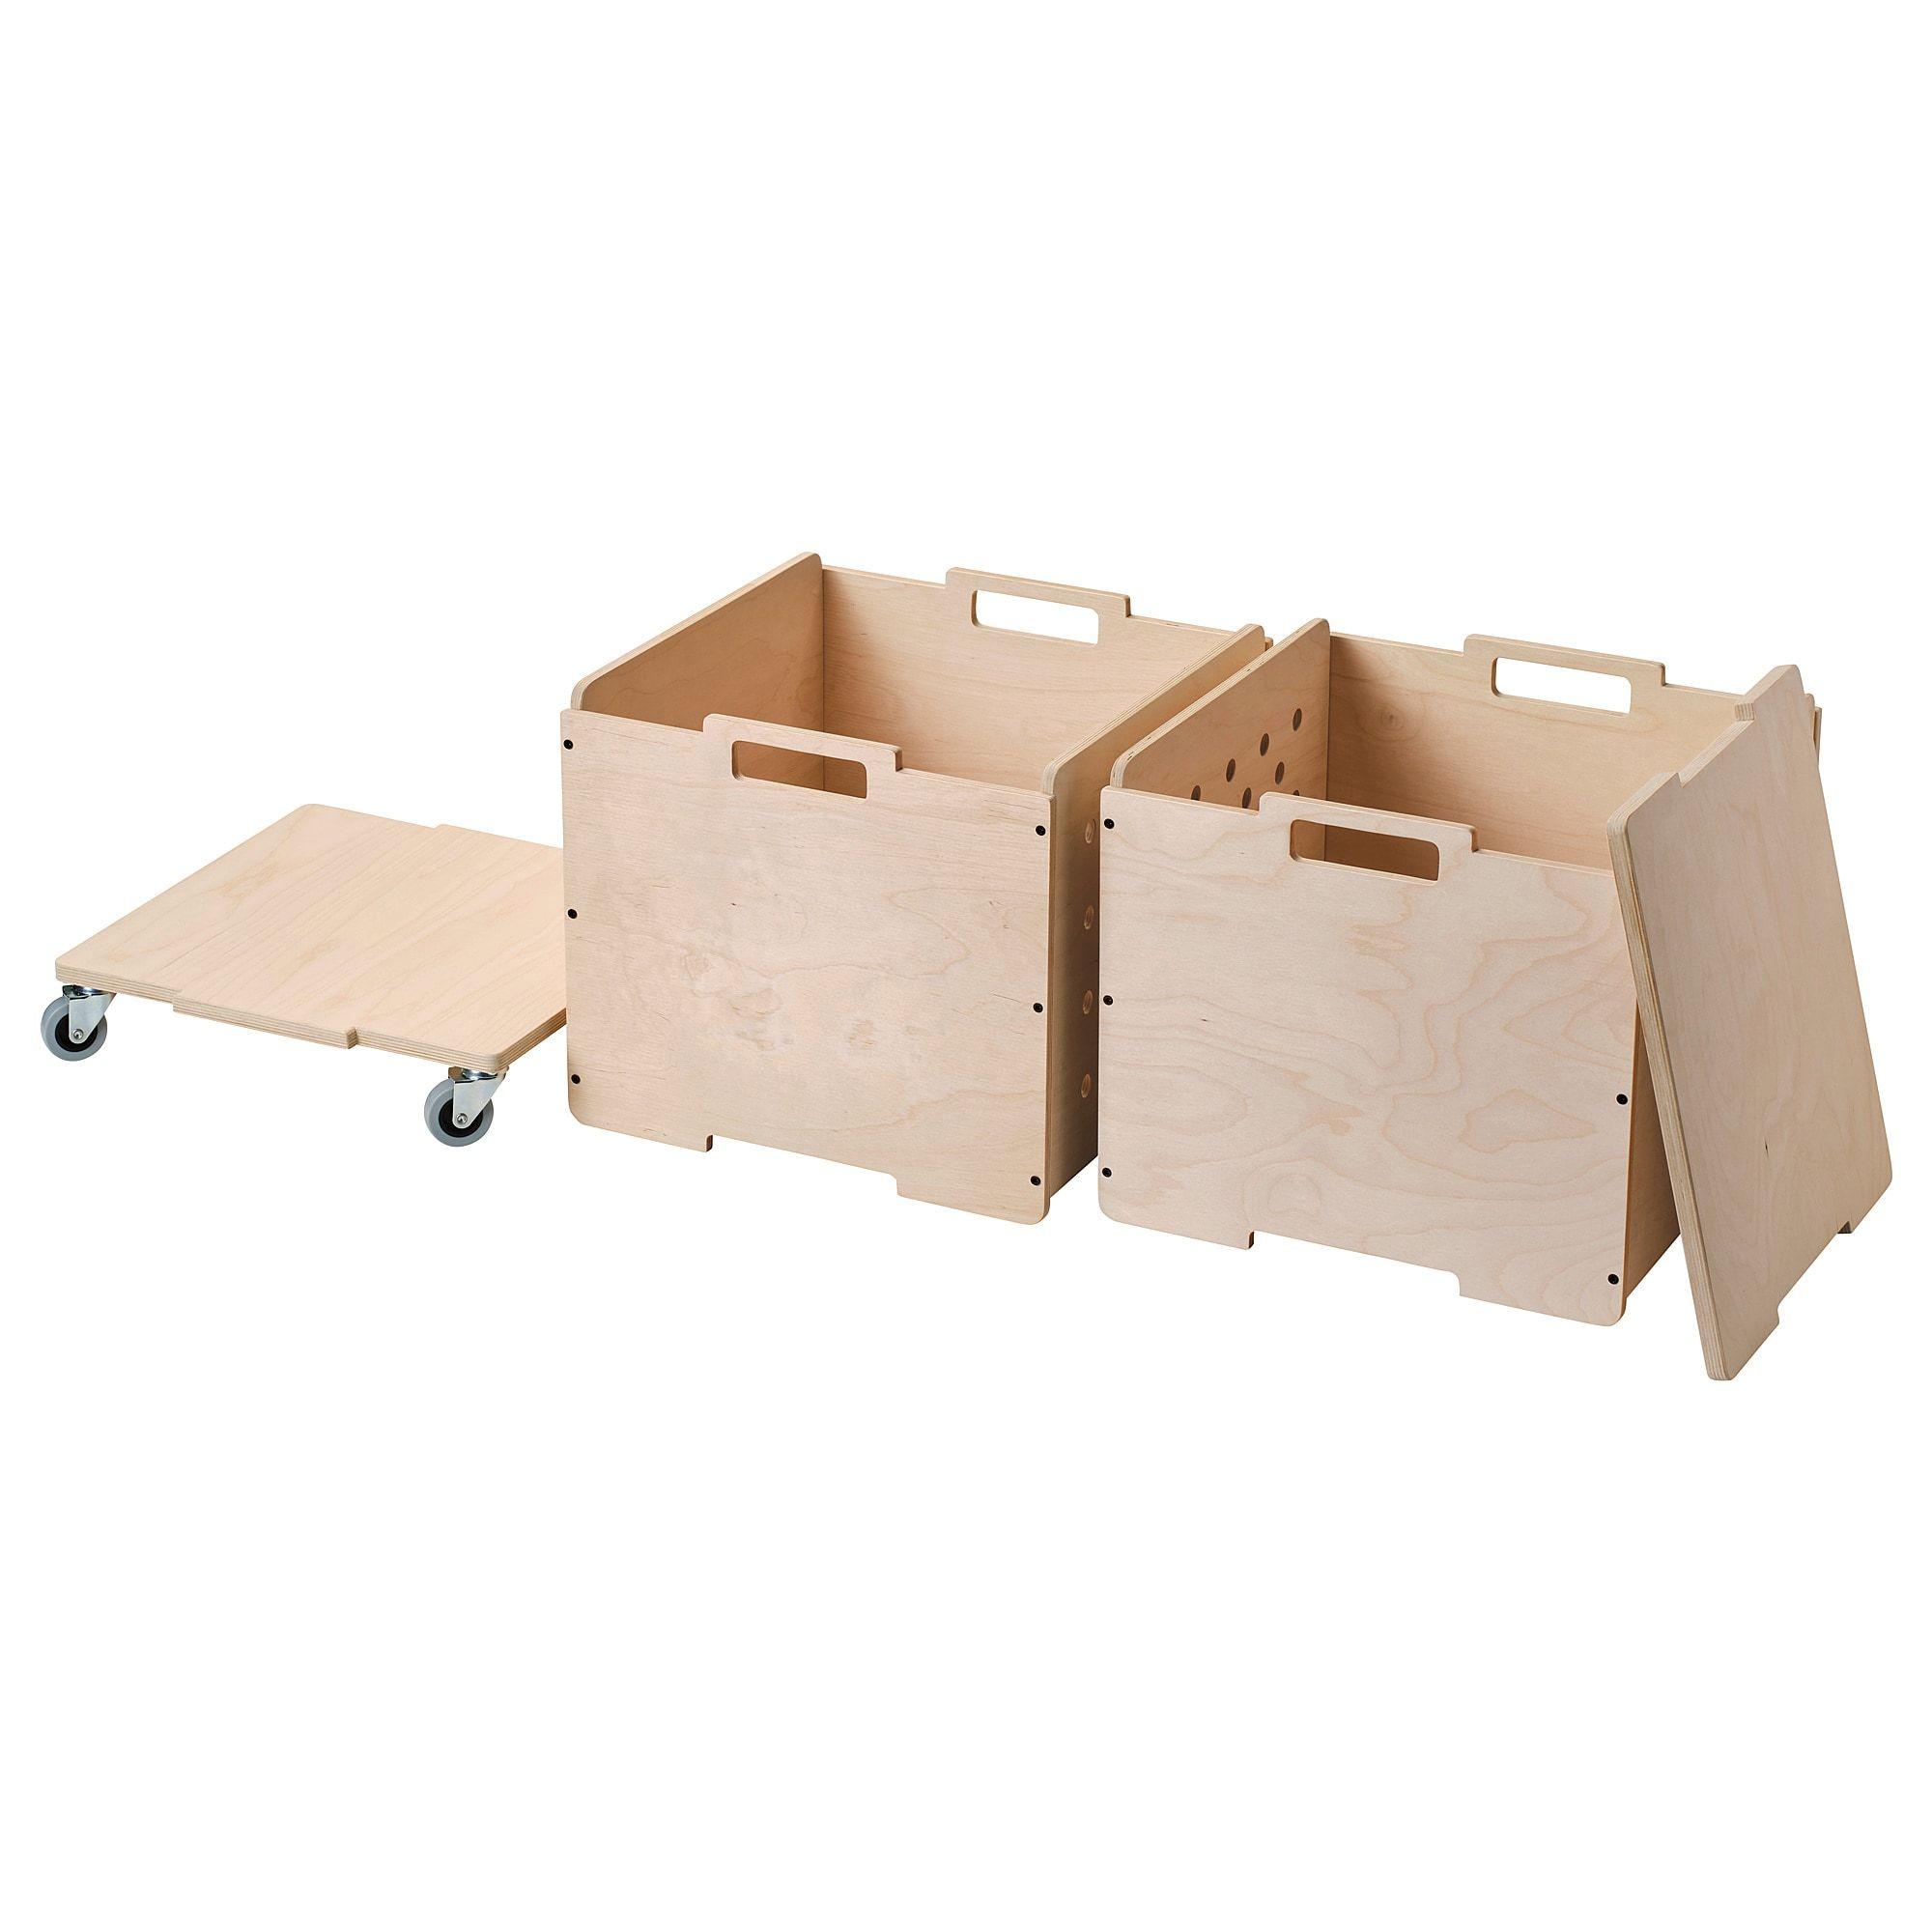 Ombyte Aufbewahrung Mit Rollen Aufbewahrung Ikea Werkstatt Wagen